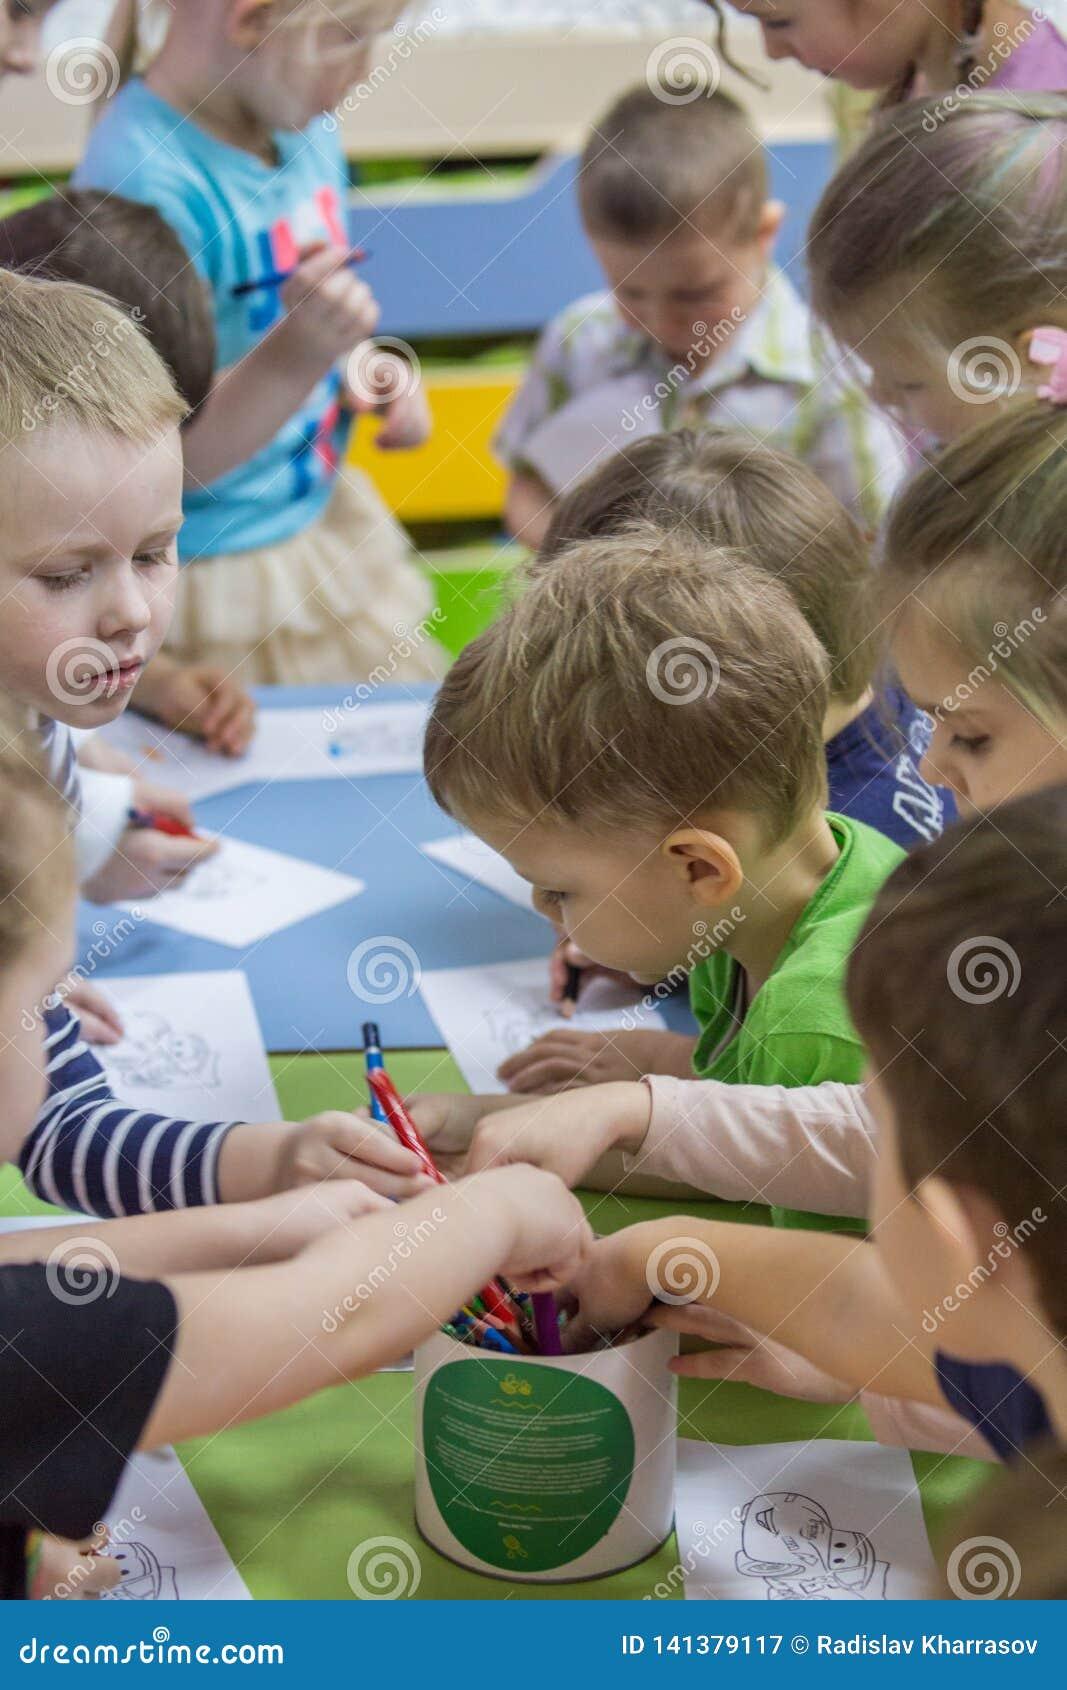 2019 01 22, Moskou, Rusland Kinderen die rond de lijst in de tuin van het jonge geitje trekken